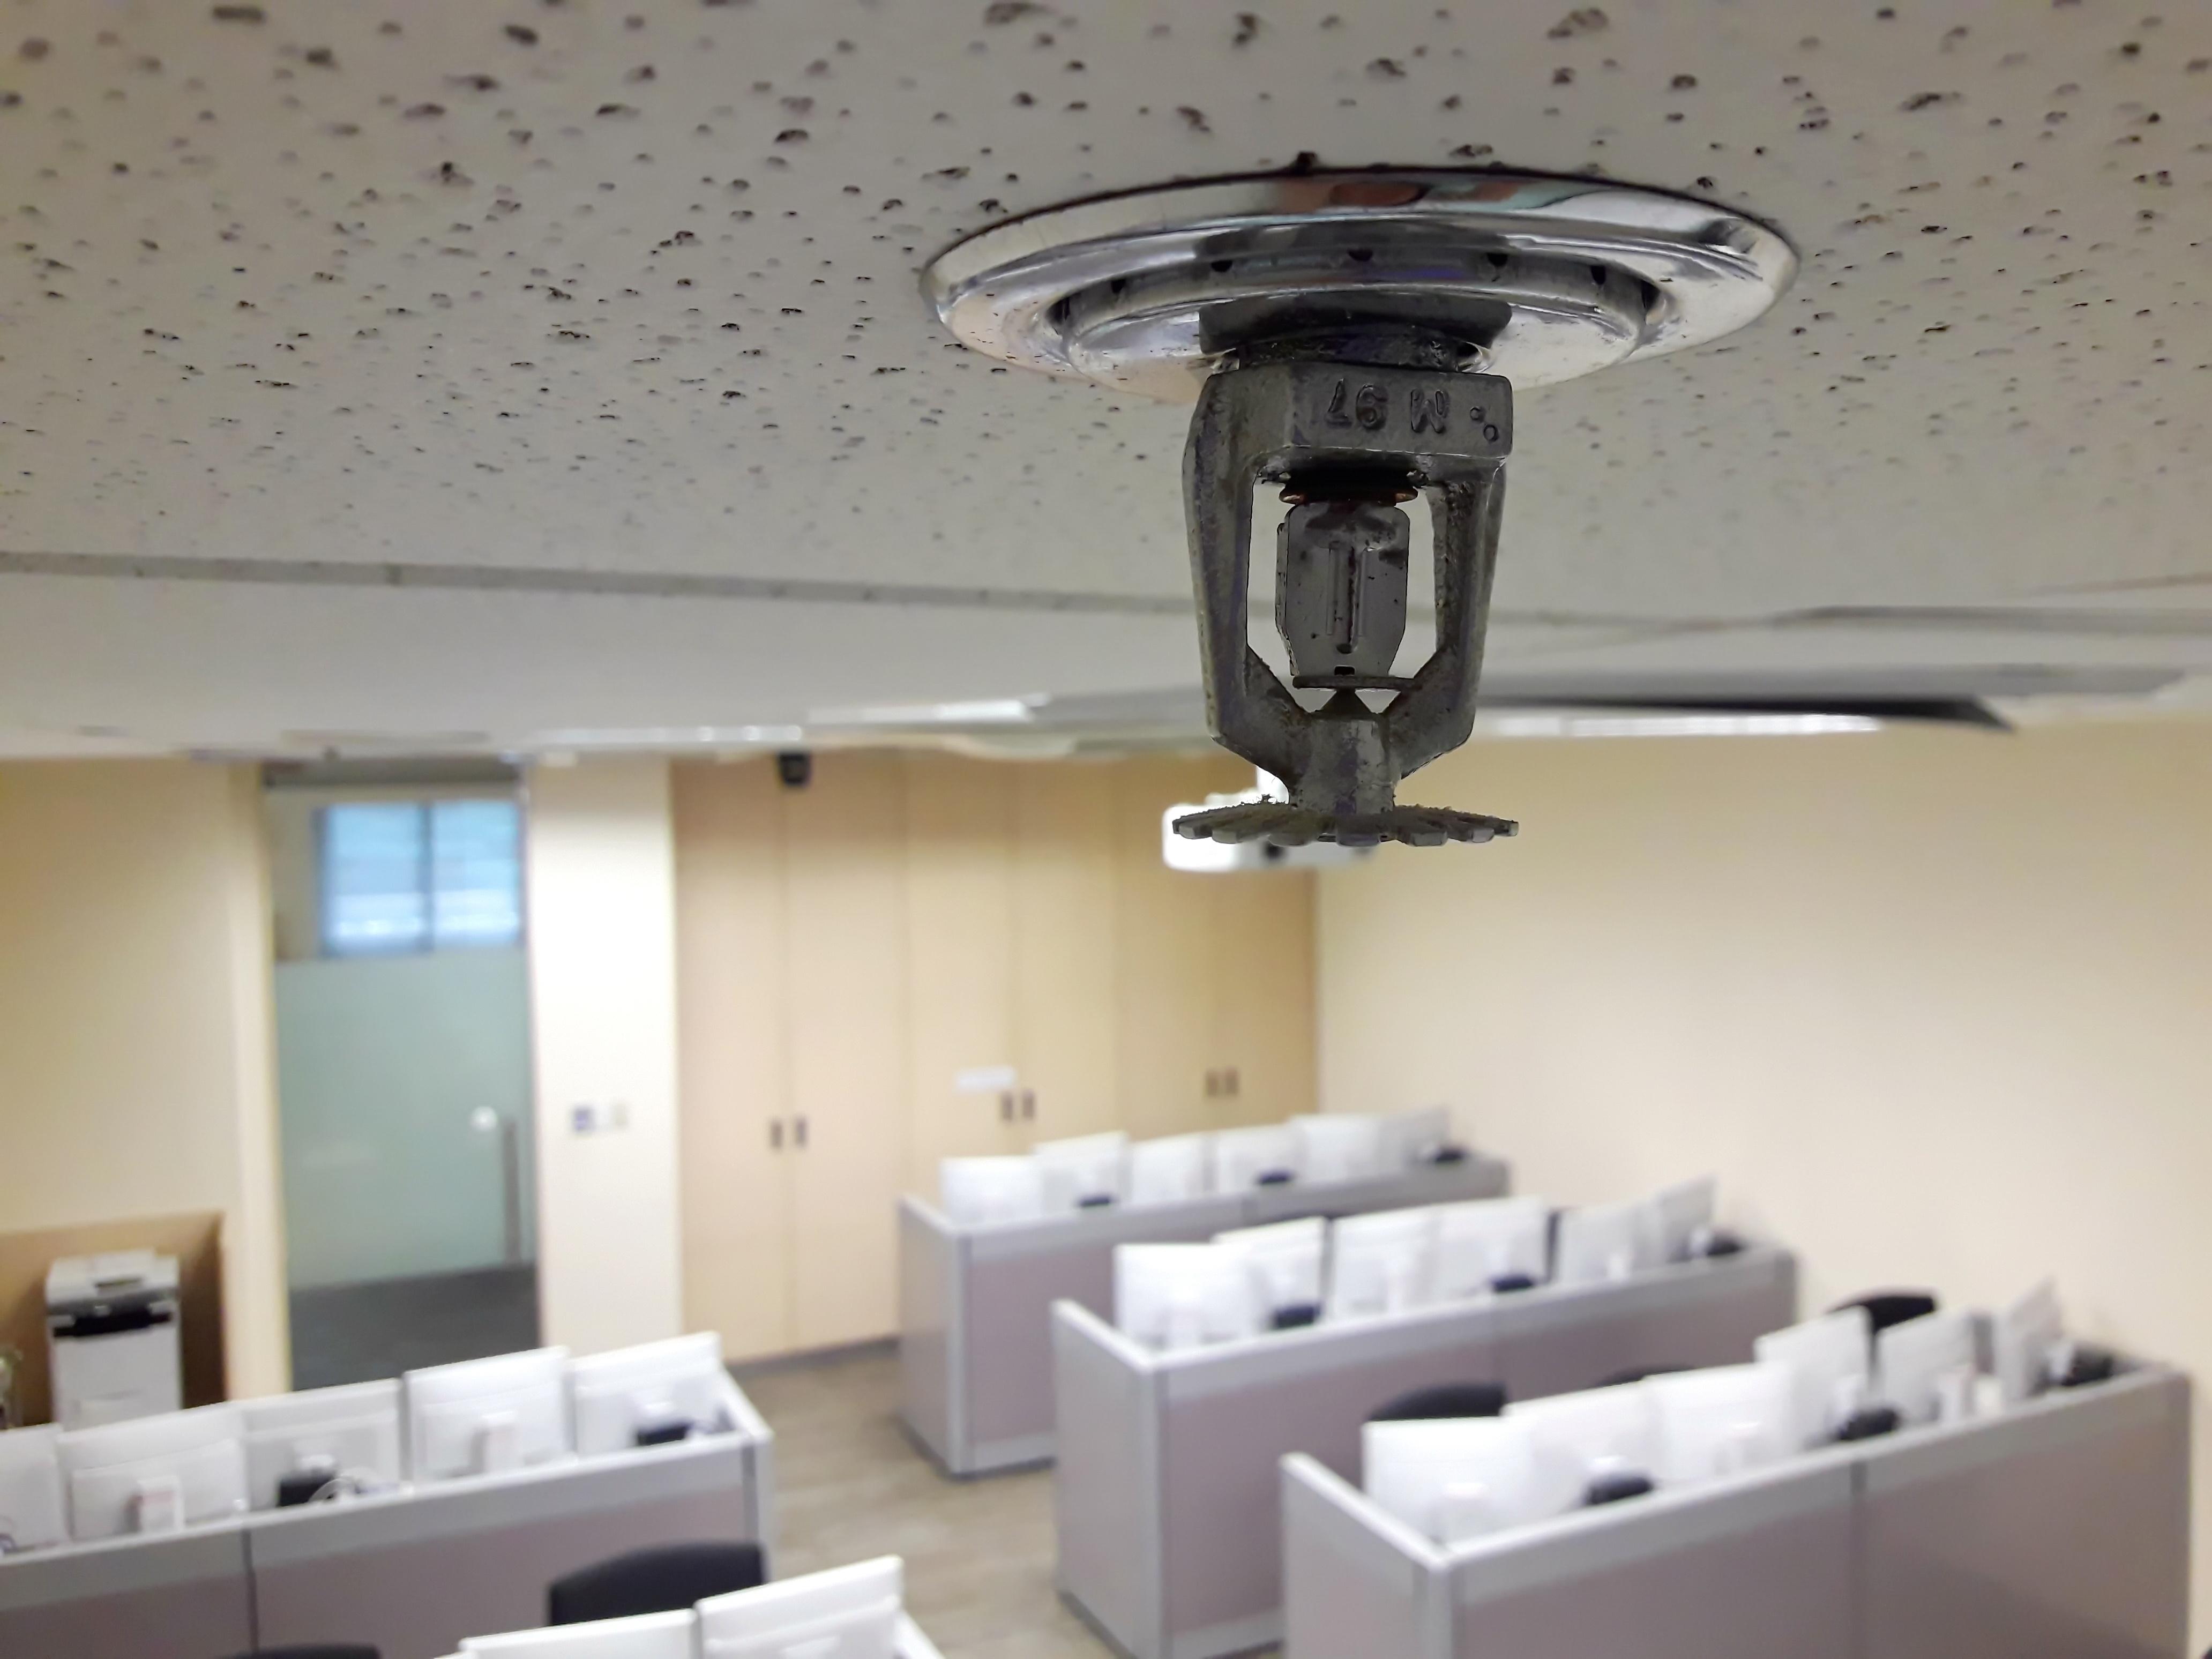 officefiresprinkler-1.jpg